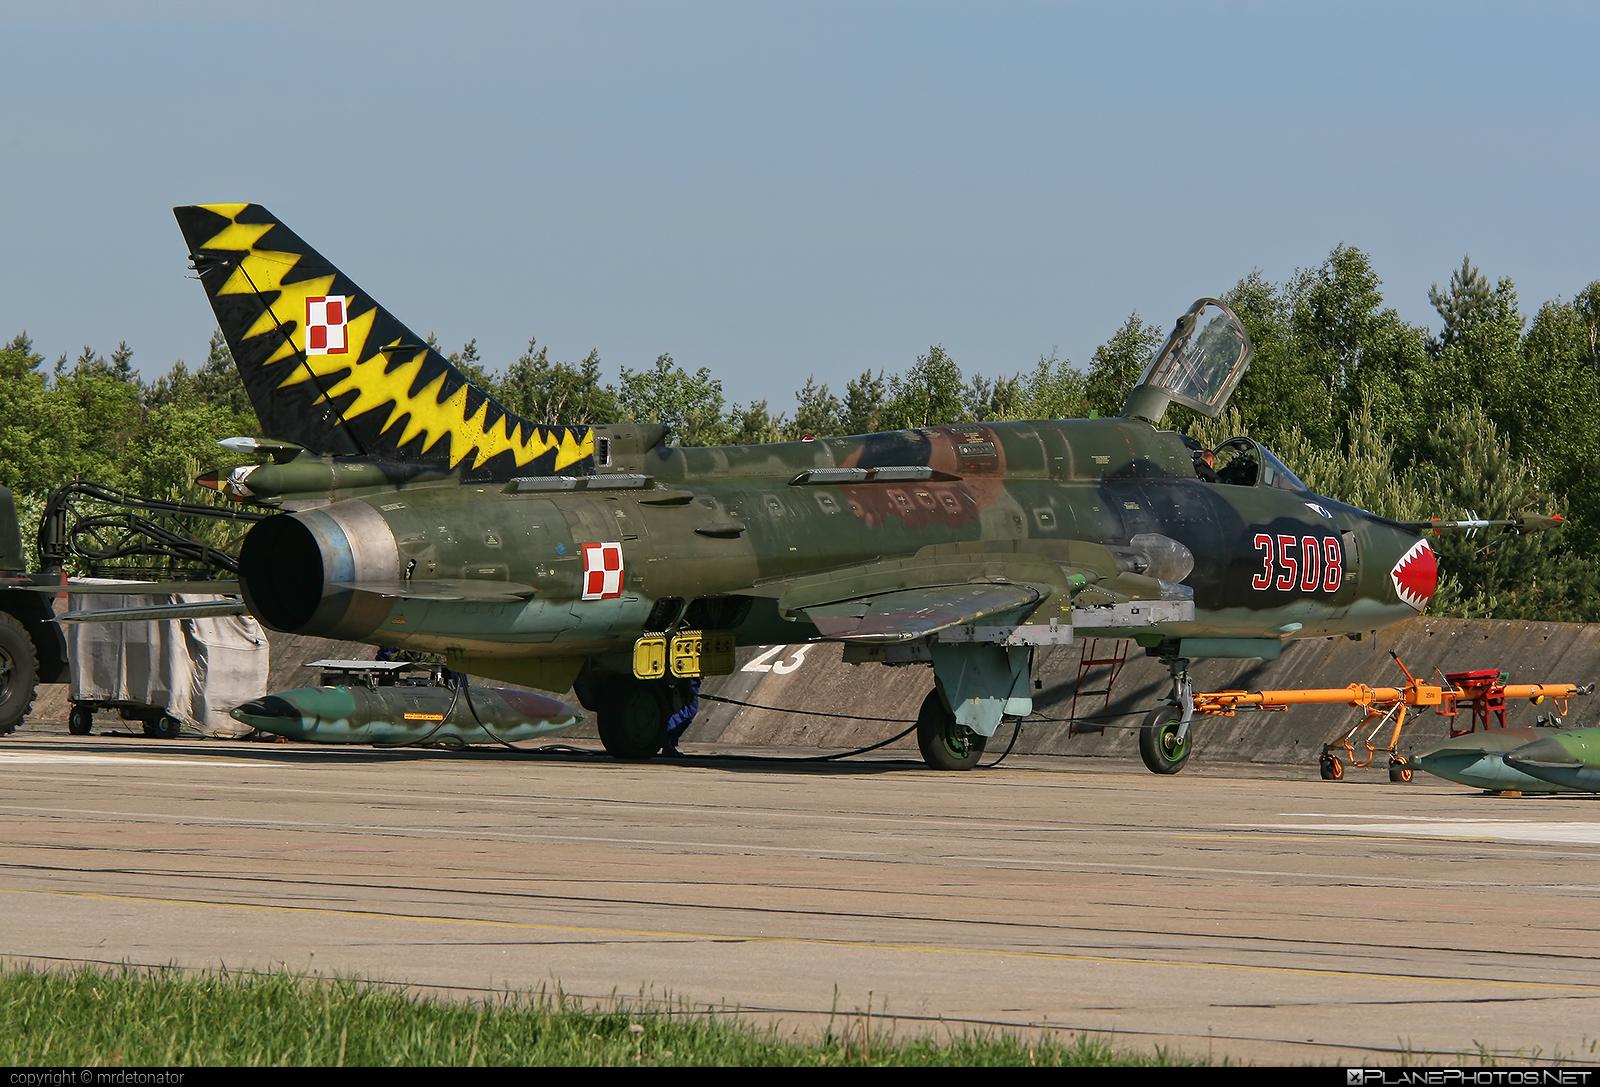 Sukhoi Su-22M4 - 3508 operated by Siły Powietrzne Rzeczypospolitej Polskiej (Polish Air Force) #polishairforce #silypowietrzne #sukhoi